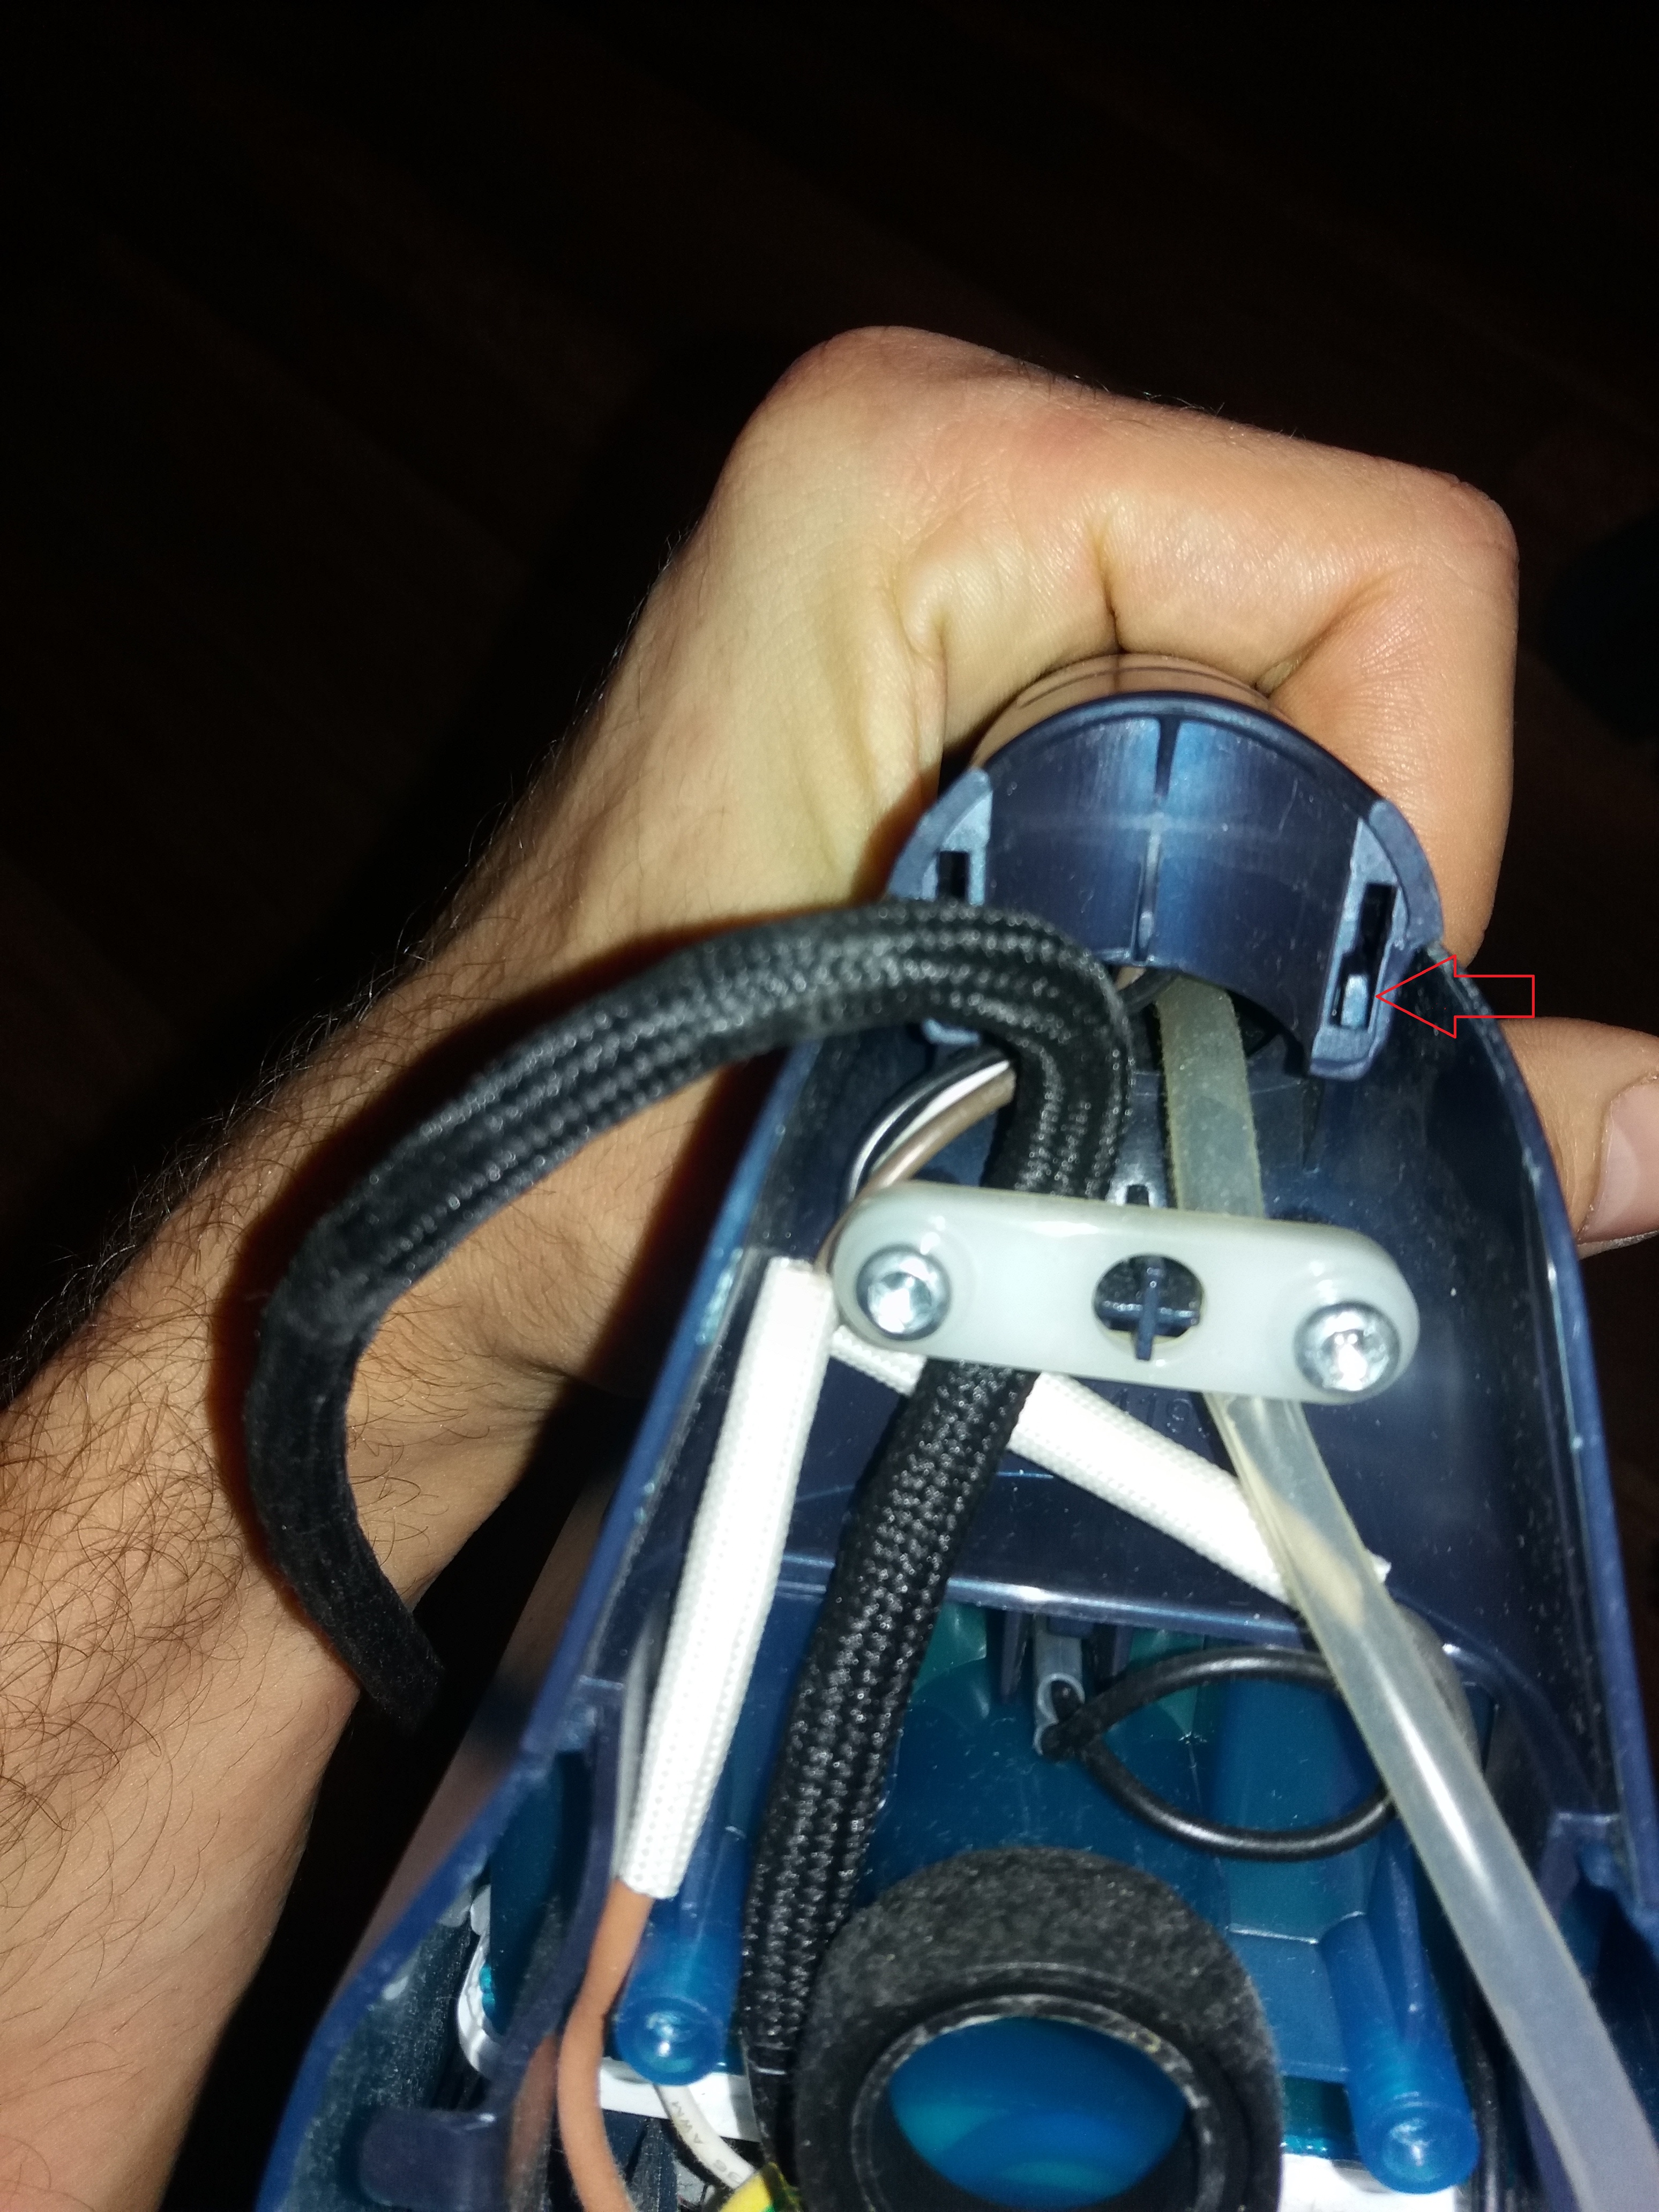 f7f4813e05e05 Żelazko Bosch TDA 5680 Sensor Secure - elektroda.pl